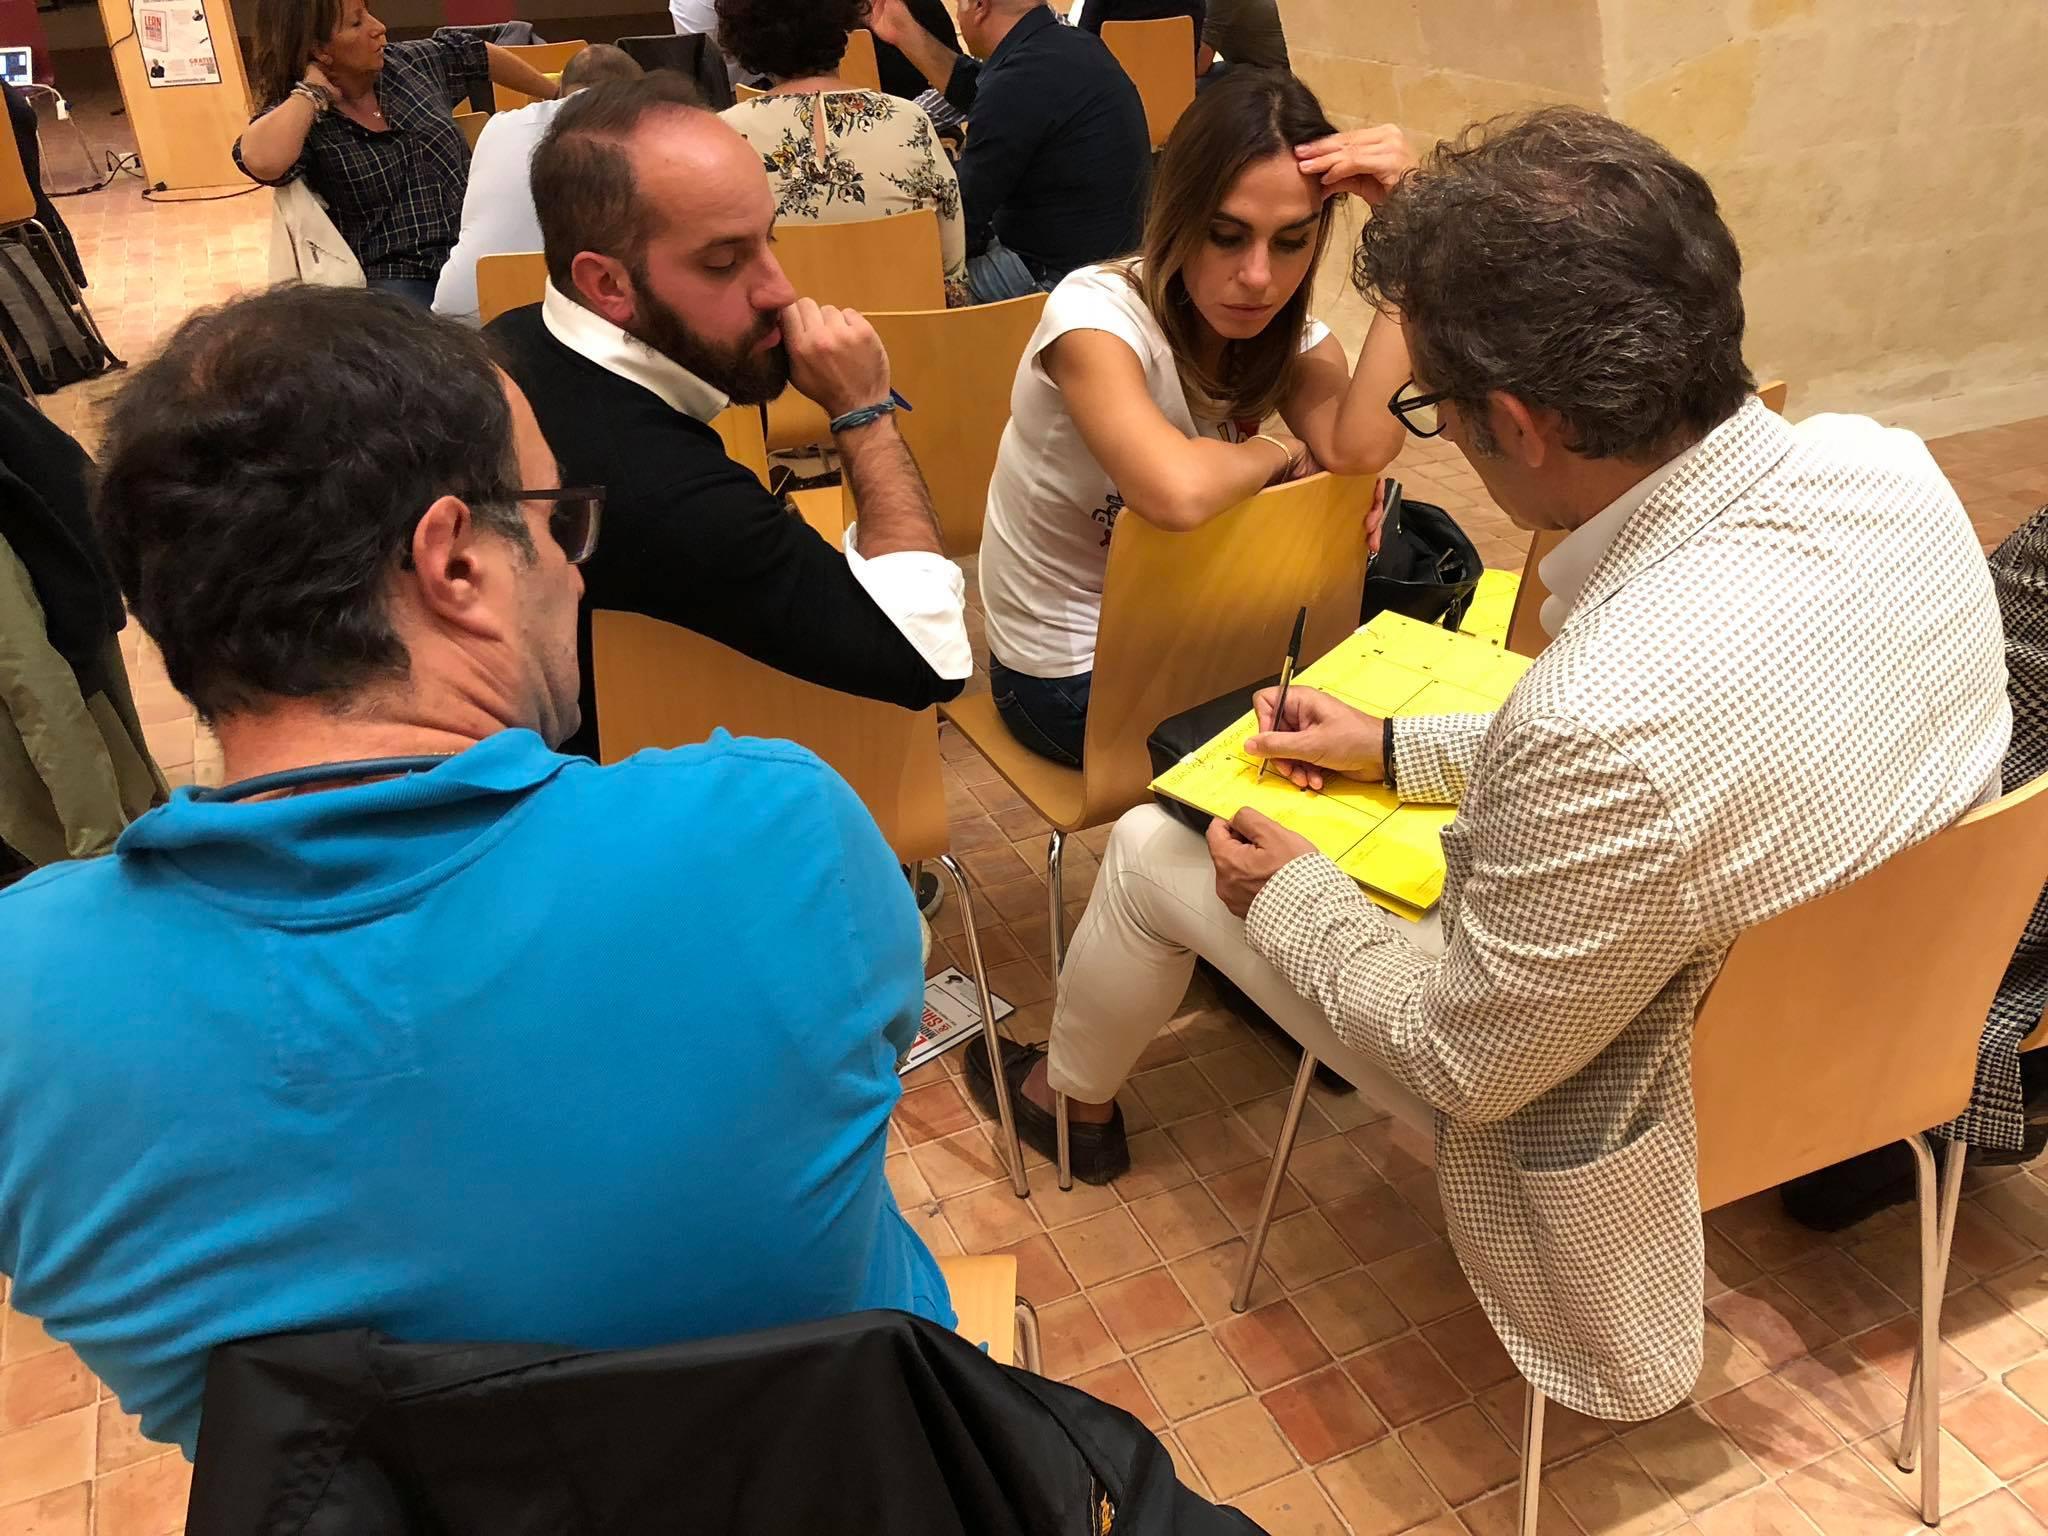 workshop presentazione libro lean marketing sales officinae-agenzia-lean-digital-marketing-management-comunicazione-school-scuola-formazione-matera-basilicata-milano 5